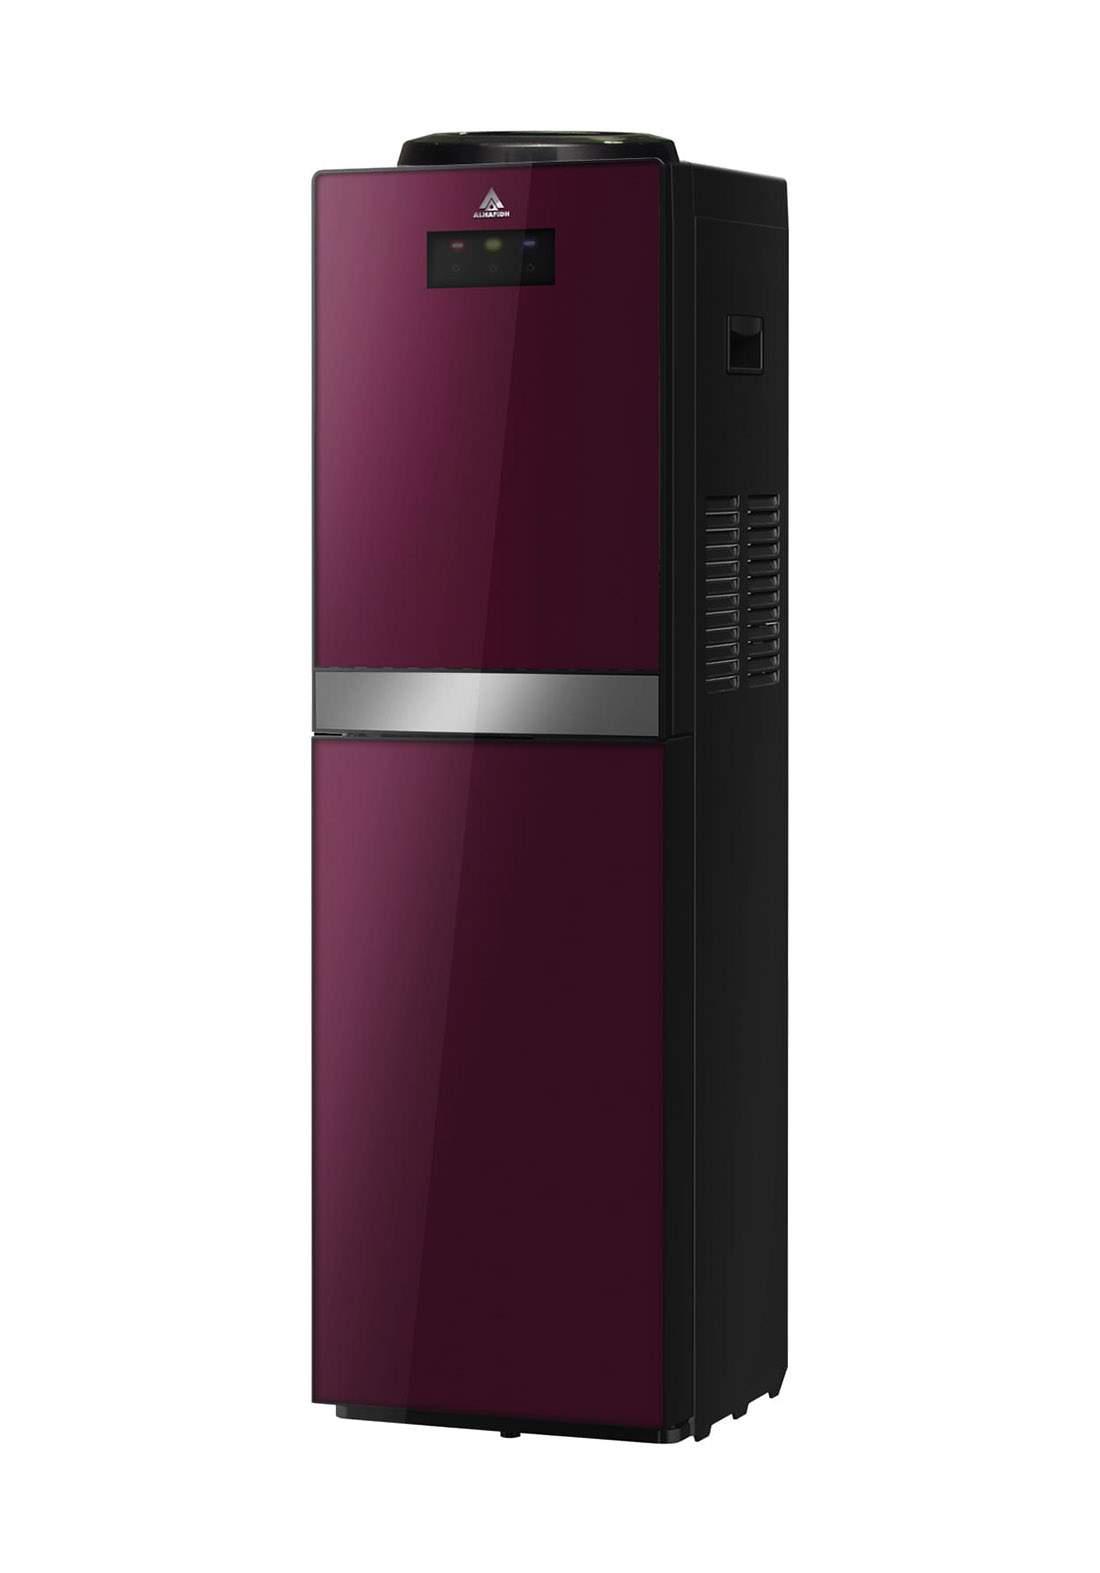 Alhafidh (DHA-78DSR) Free Standing Water Dispenser براد ماء عمودي